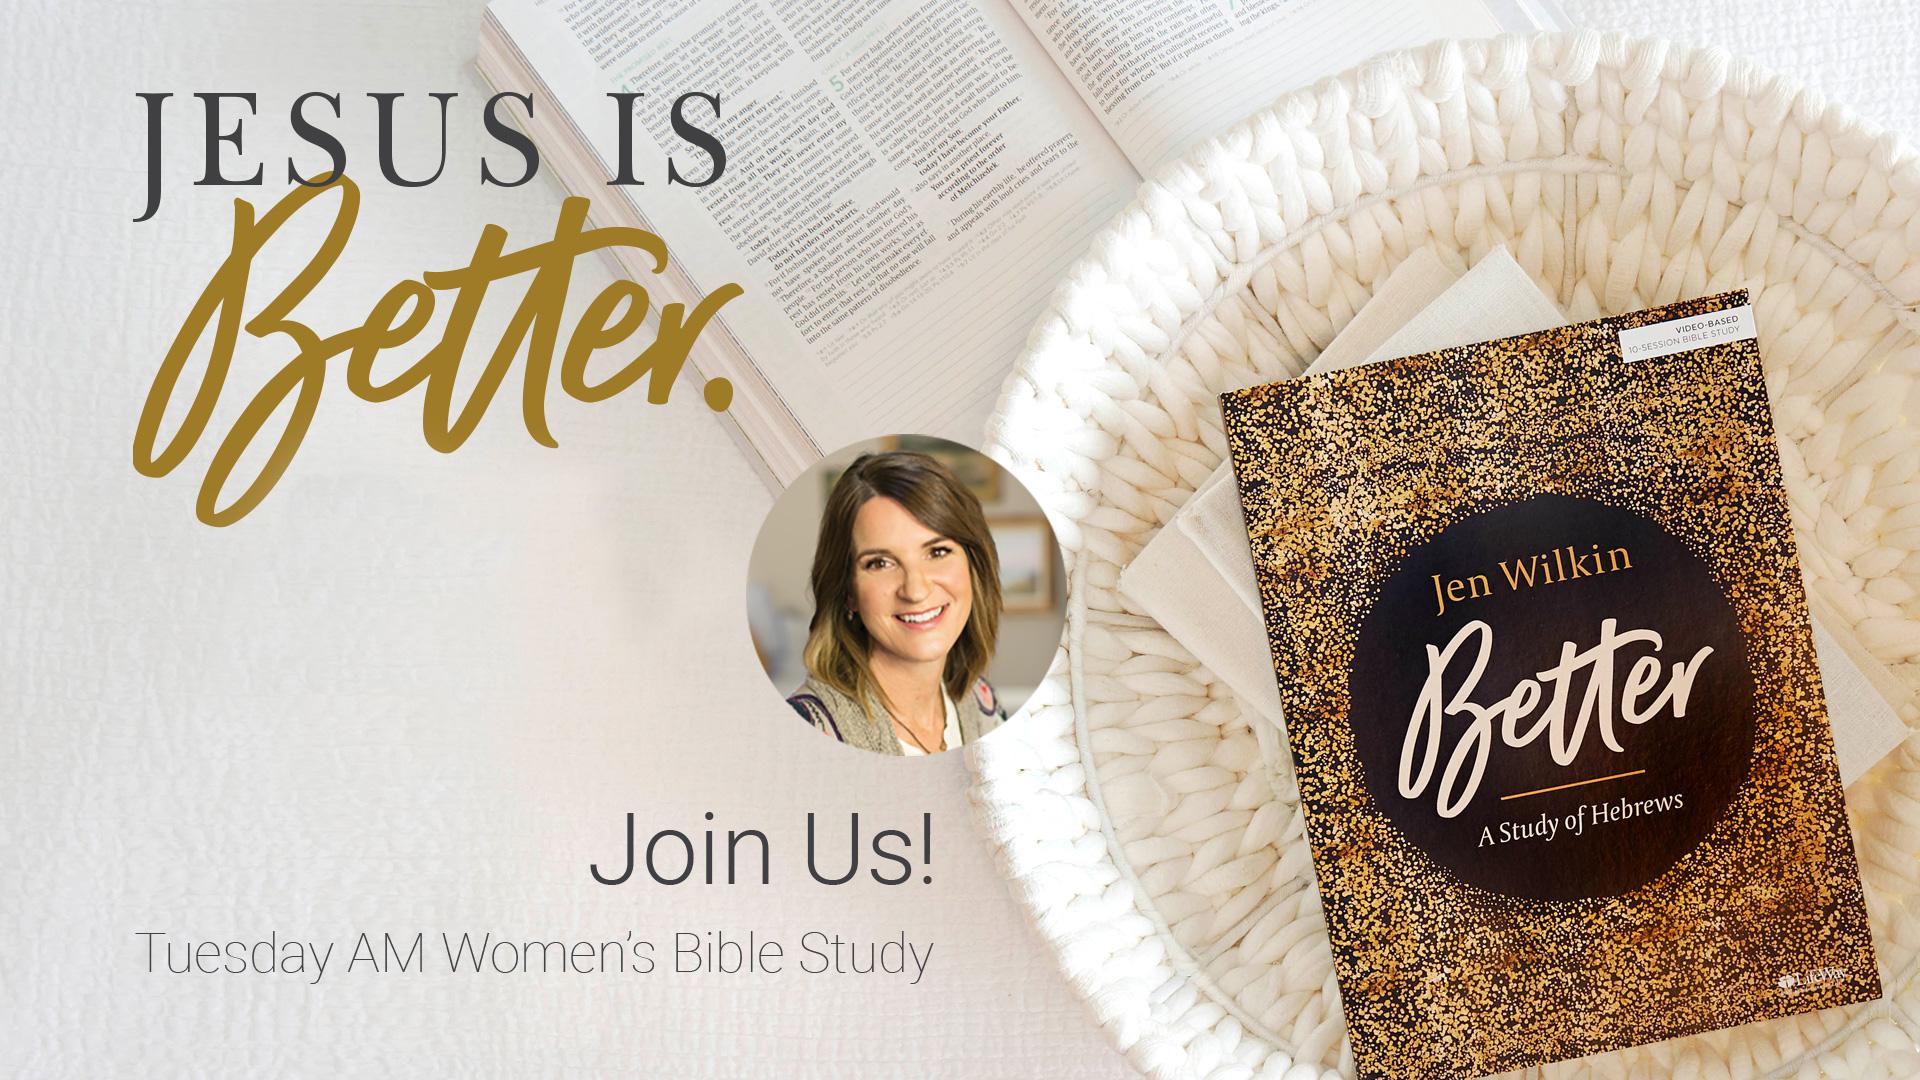 Tues AM Women's Bible Study